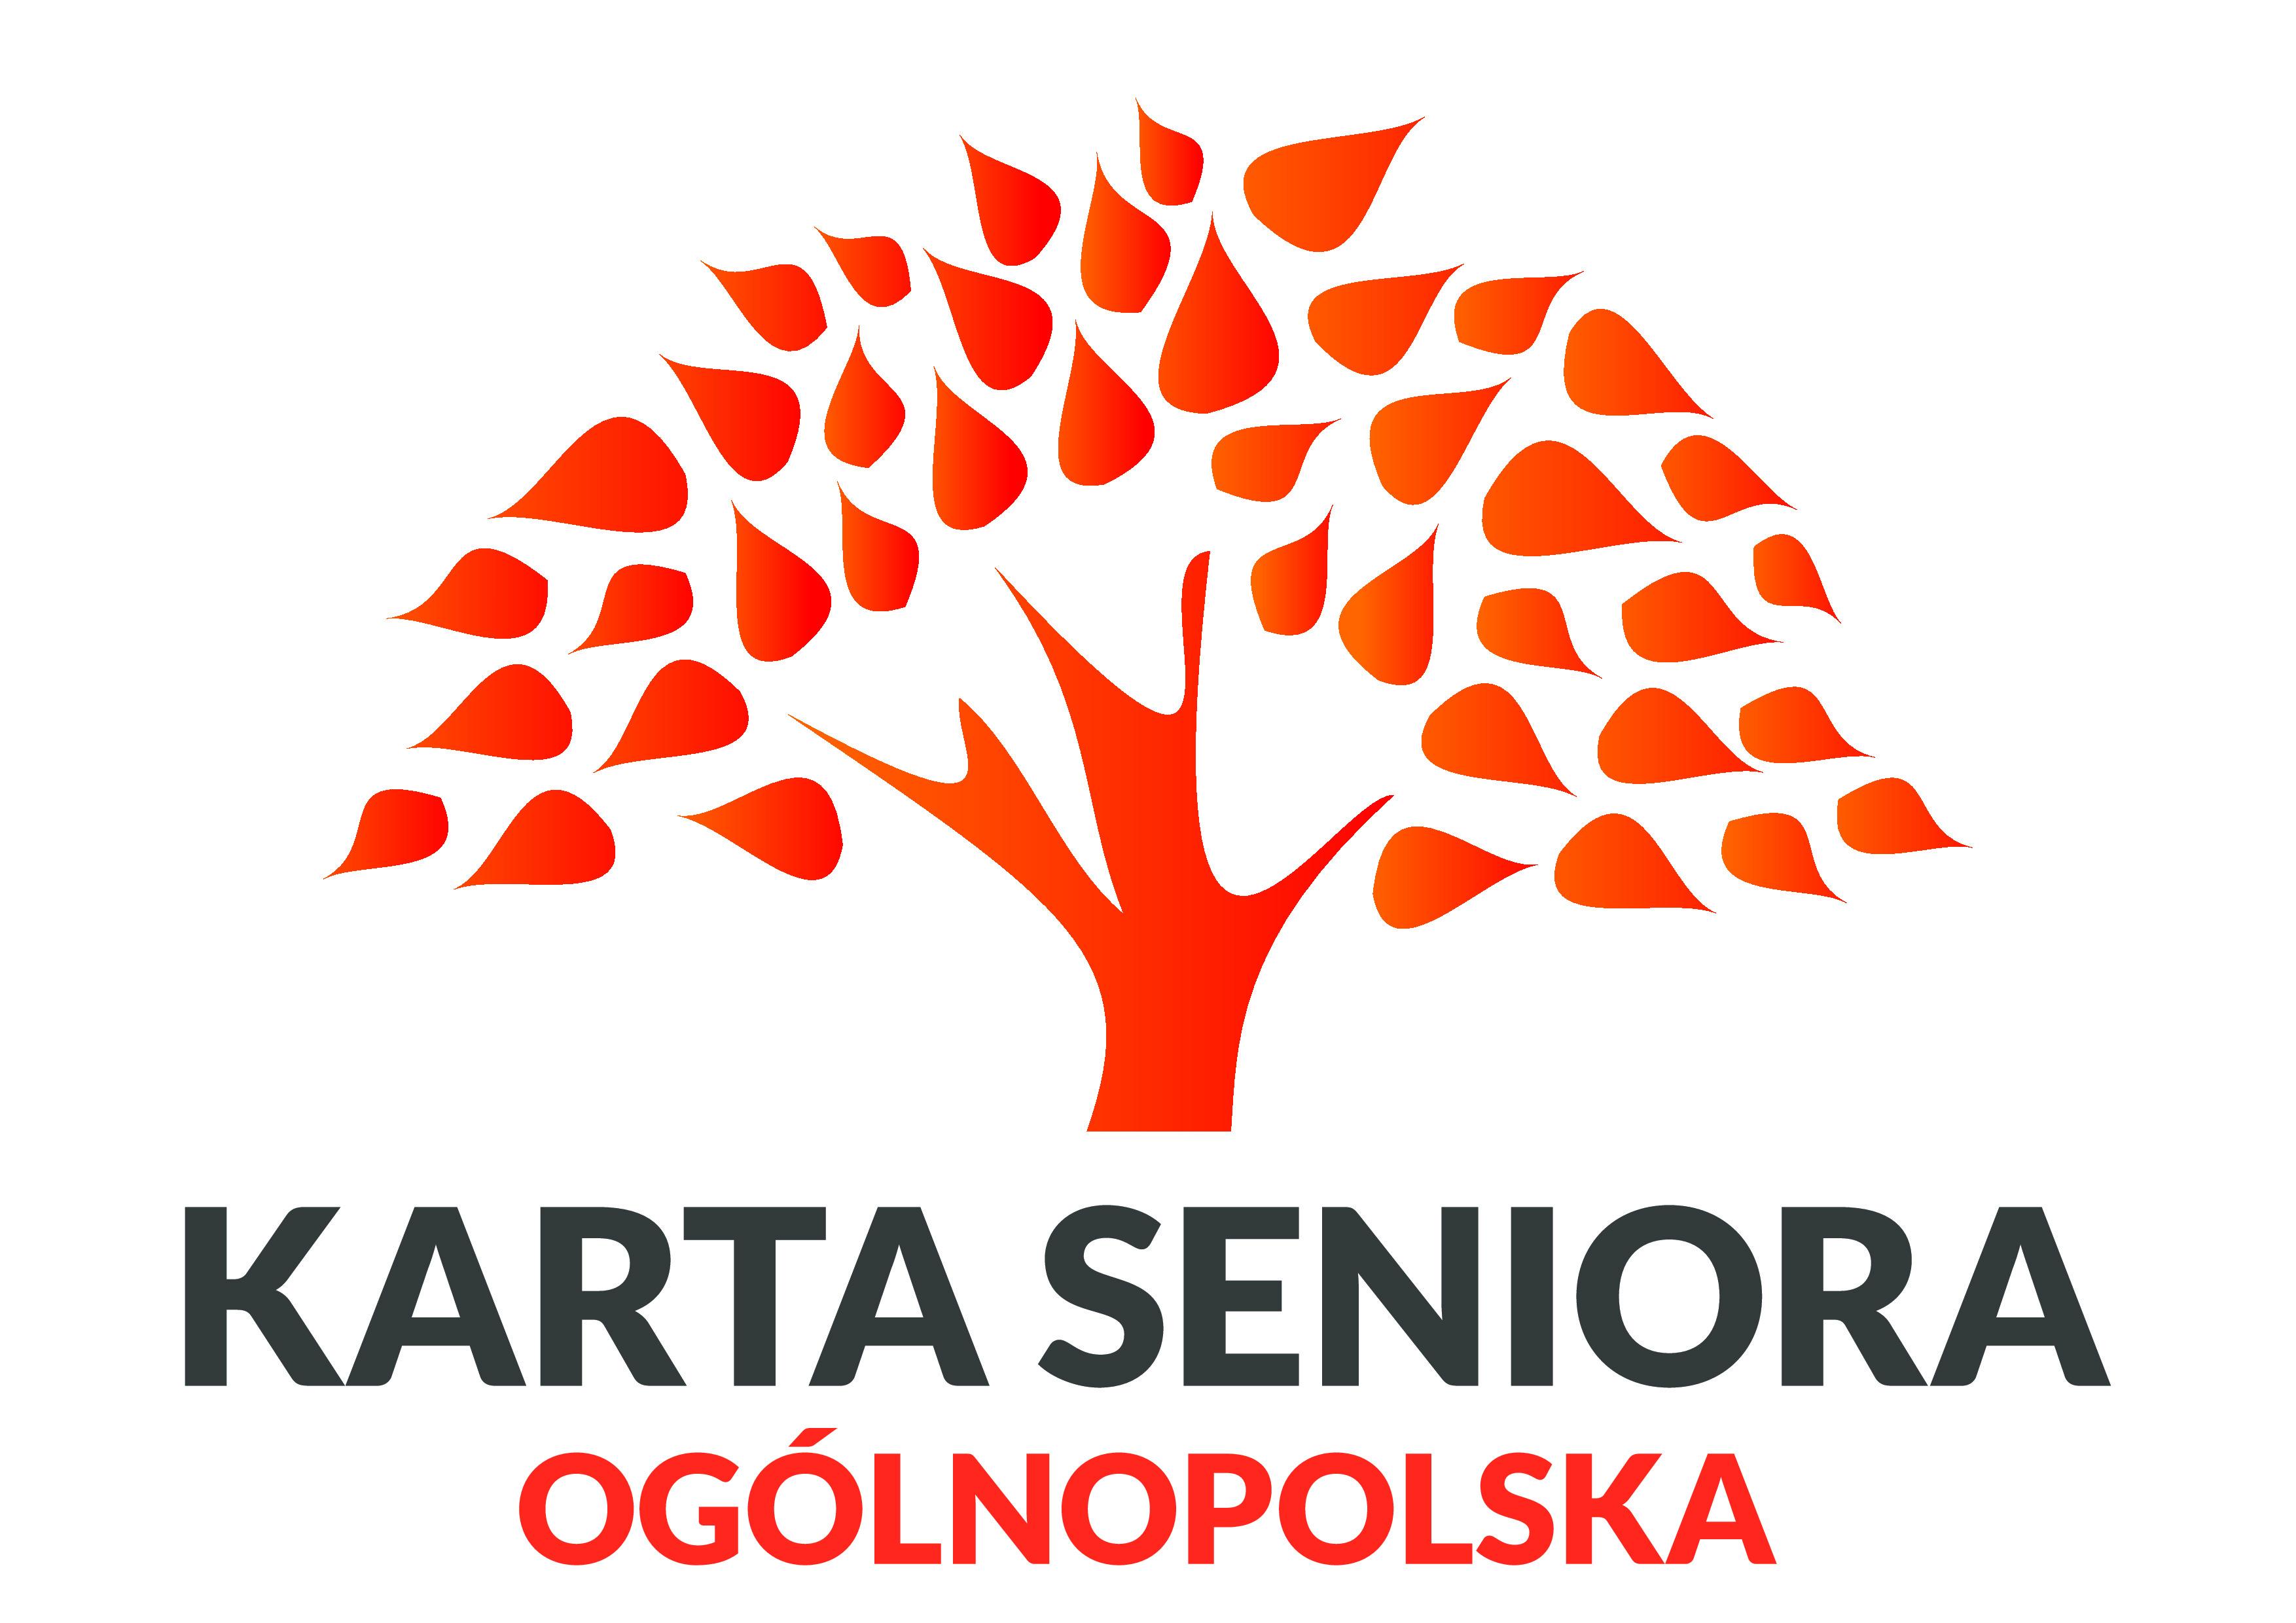 ogolnopolska karta seniora